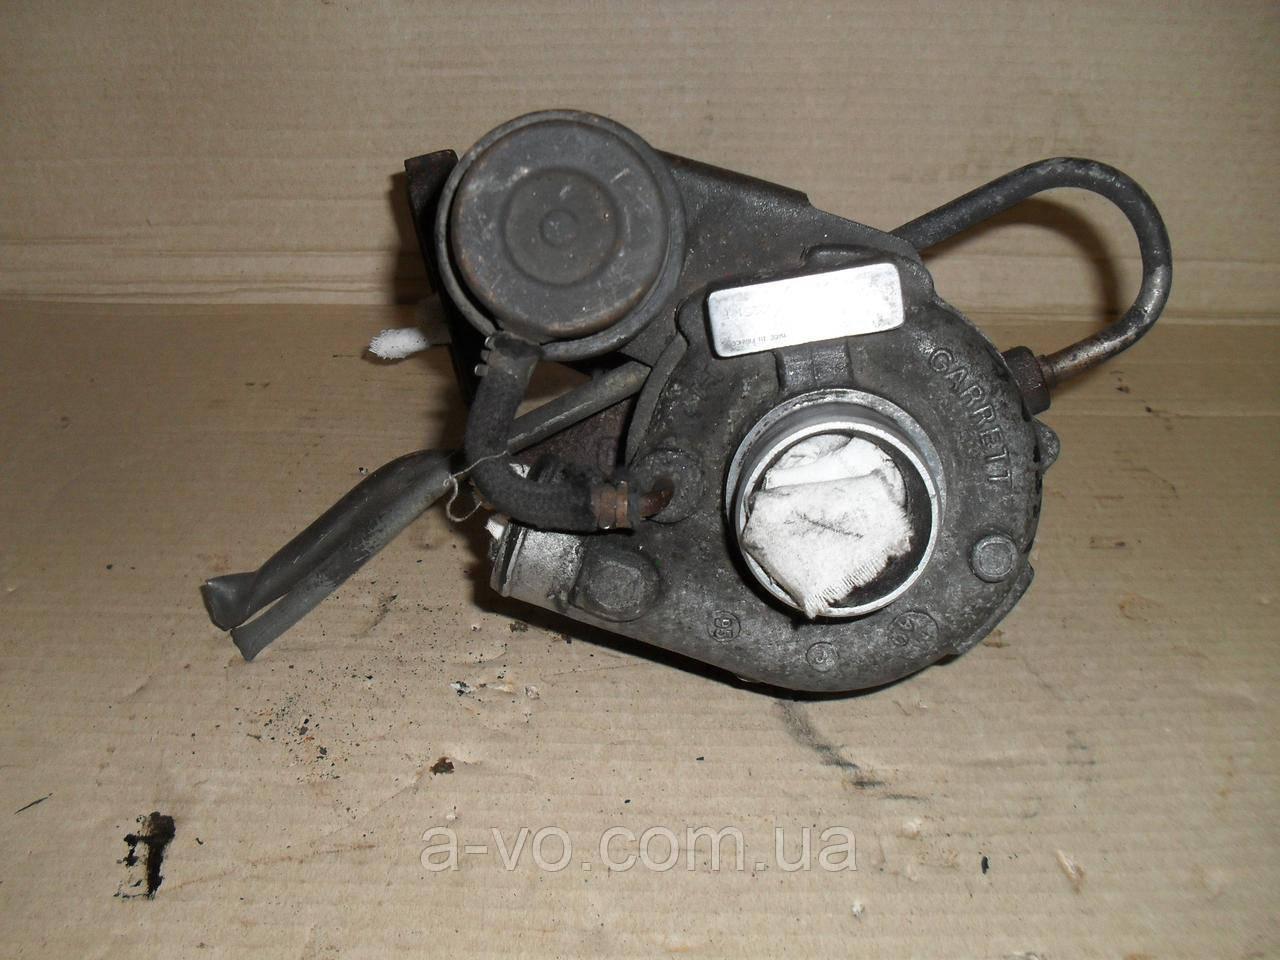 Турбина для Opel Astra F 1.7TD 90499271